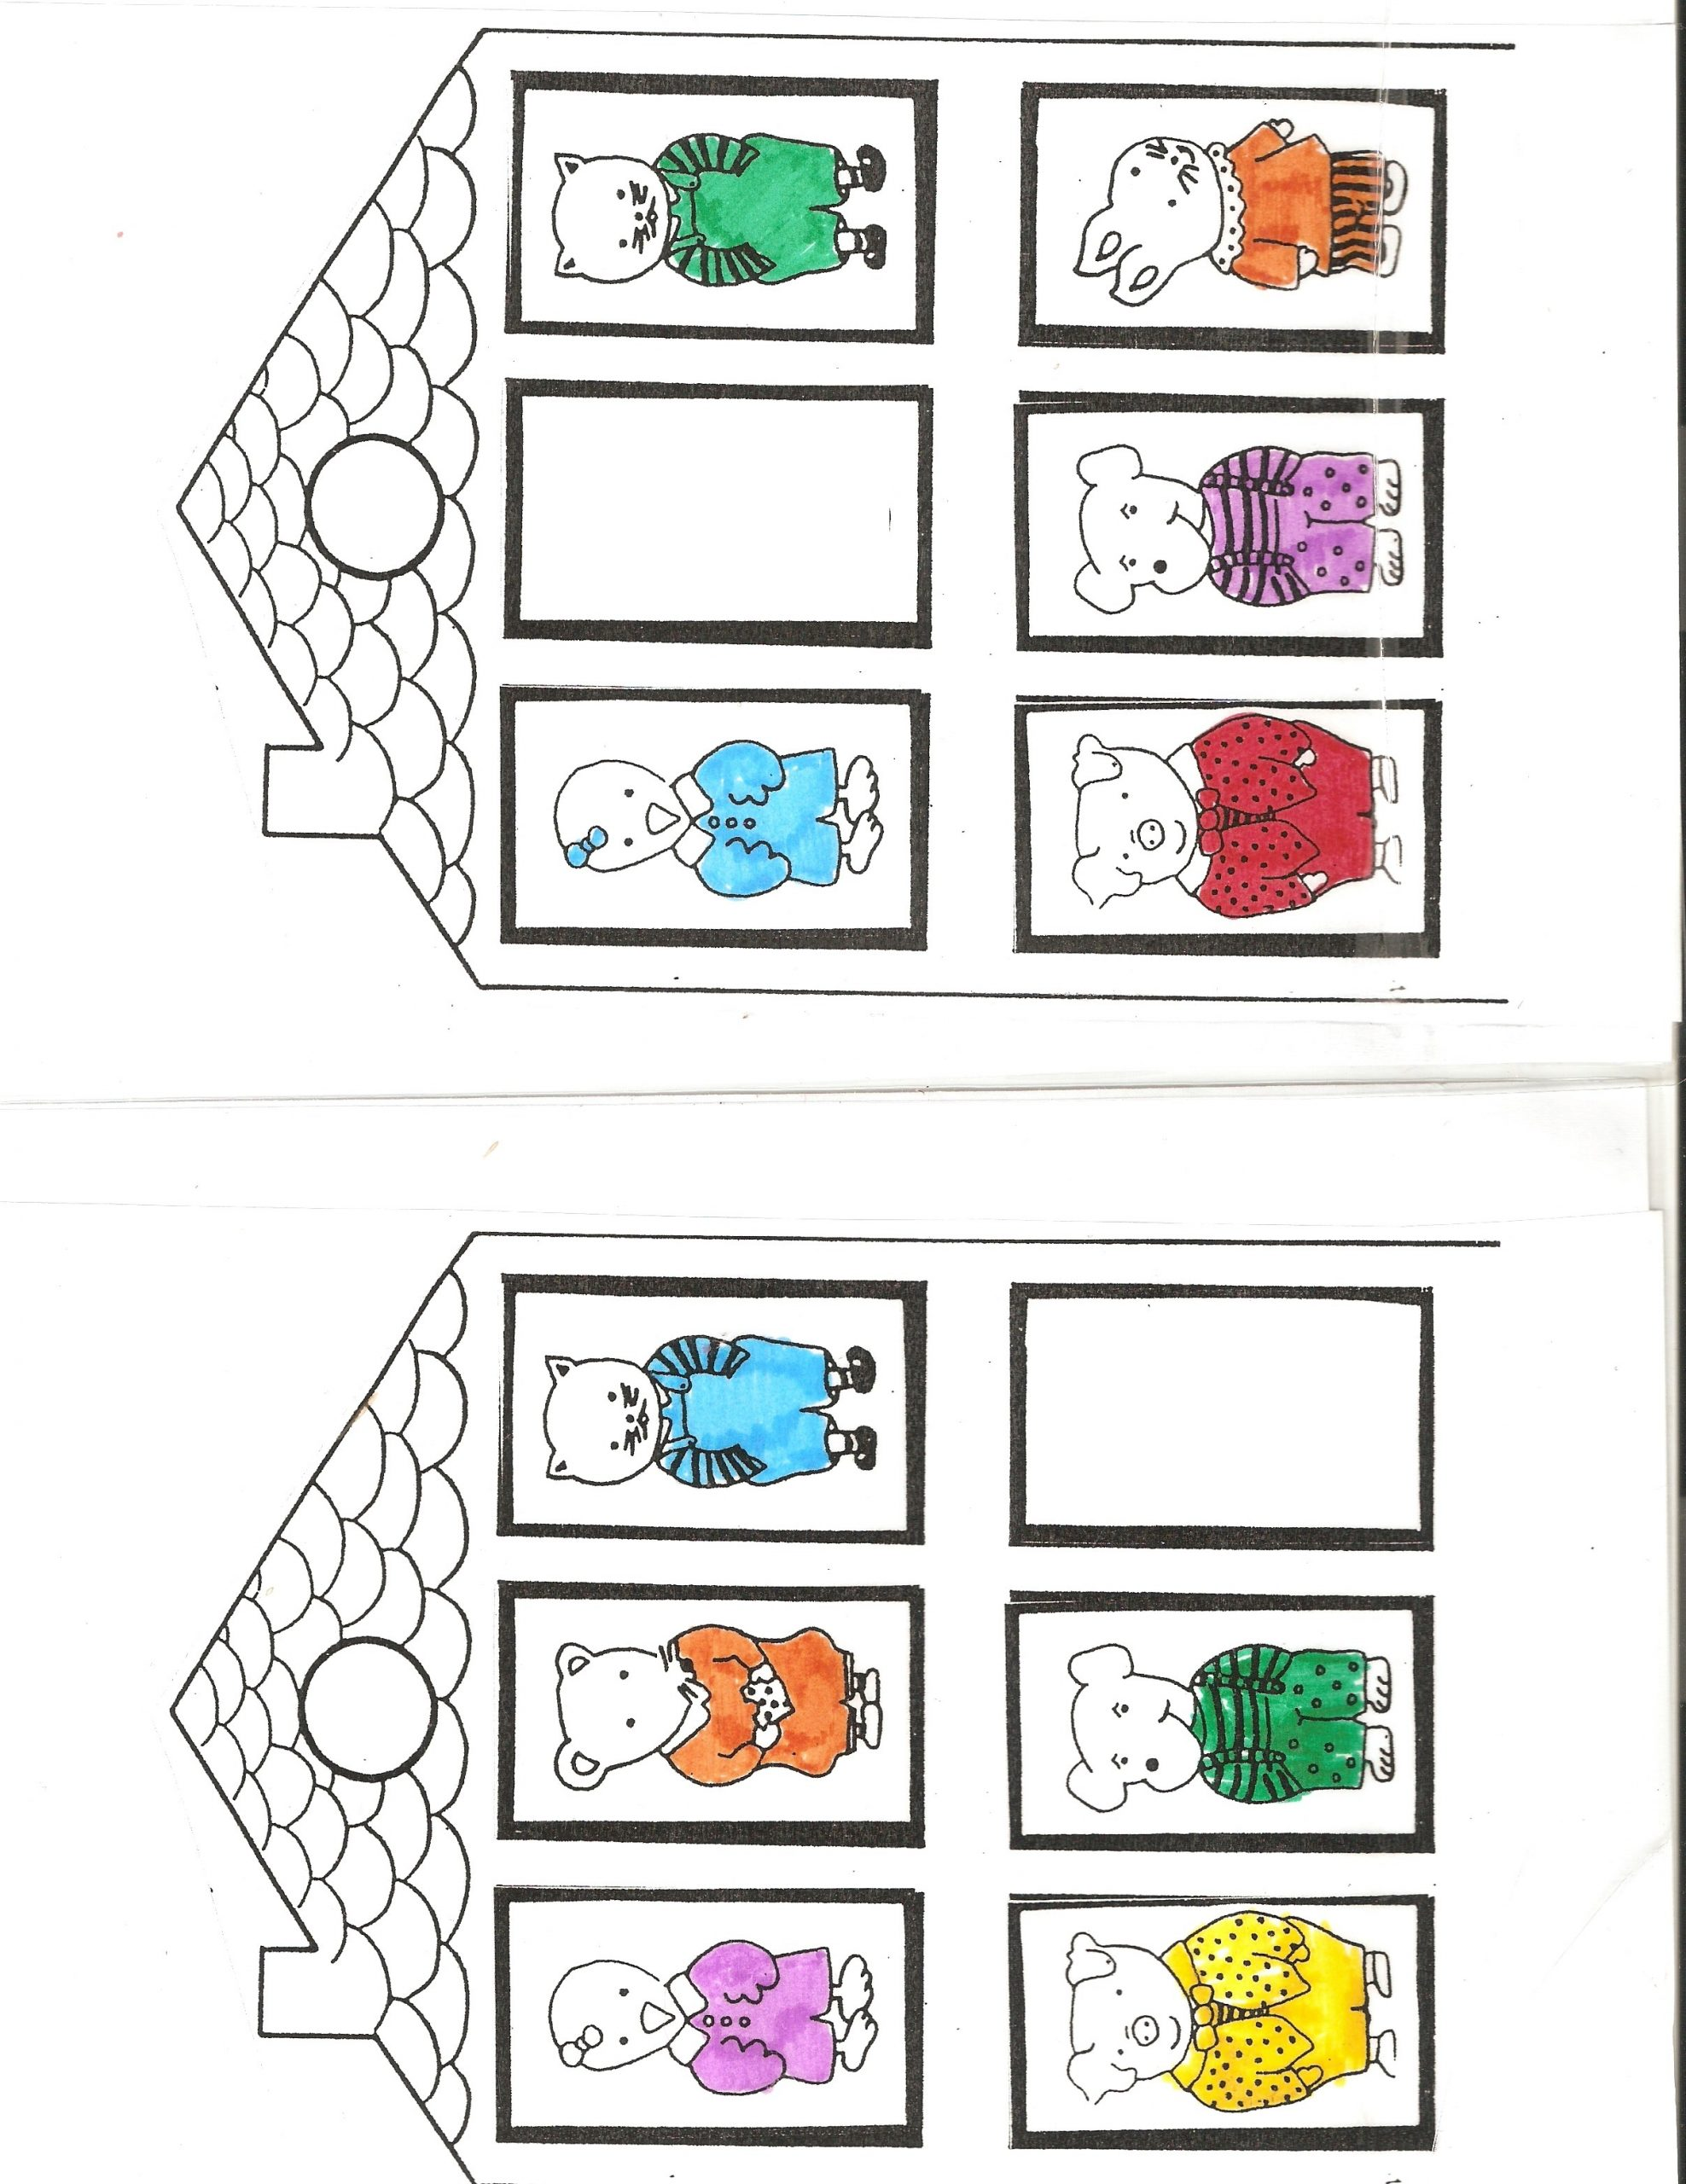 Mic Mac De Arthur Et Marie Avec Fiches Faites Maison - La à Sudoku Animaux À Imprimer